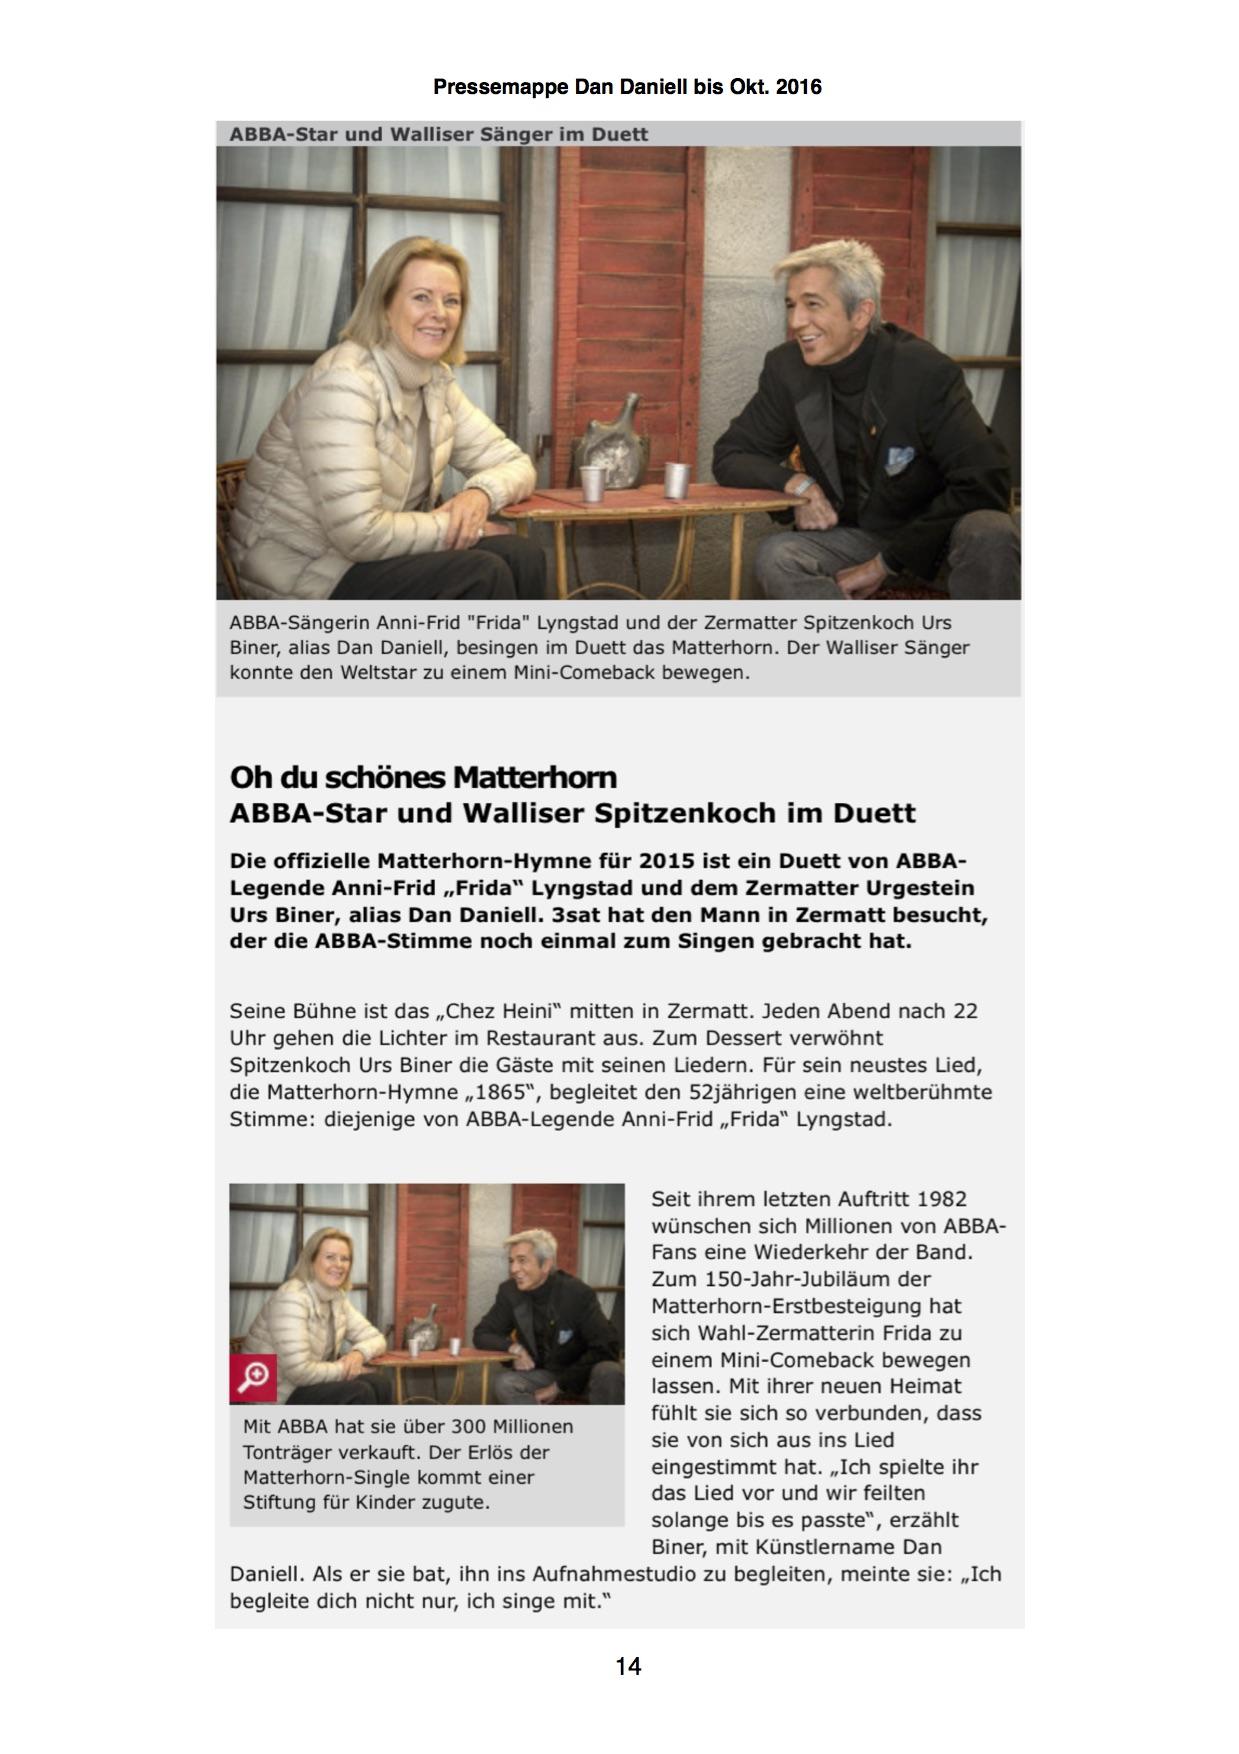 Pressemappe 2016 seite 14